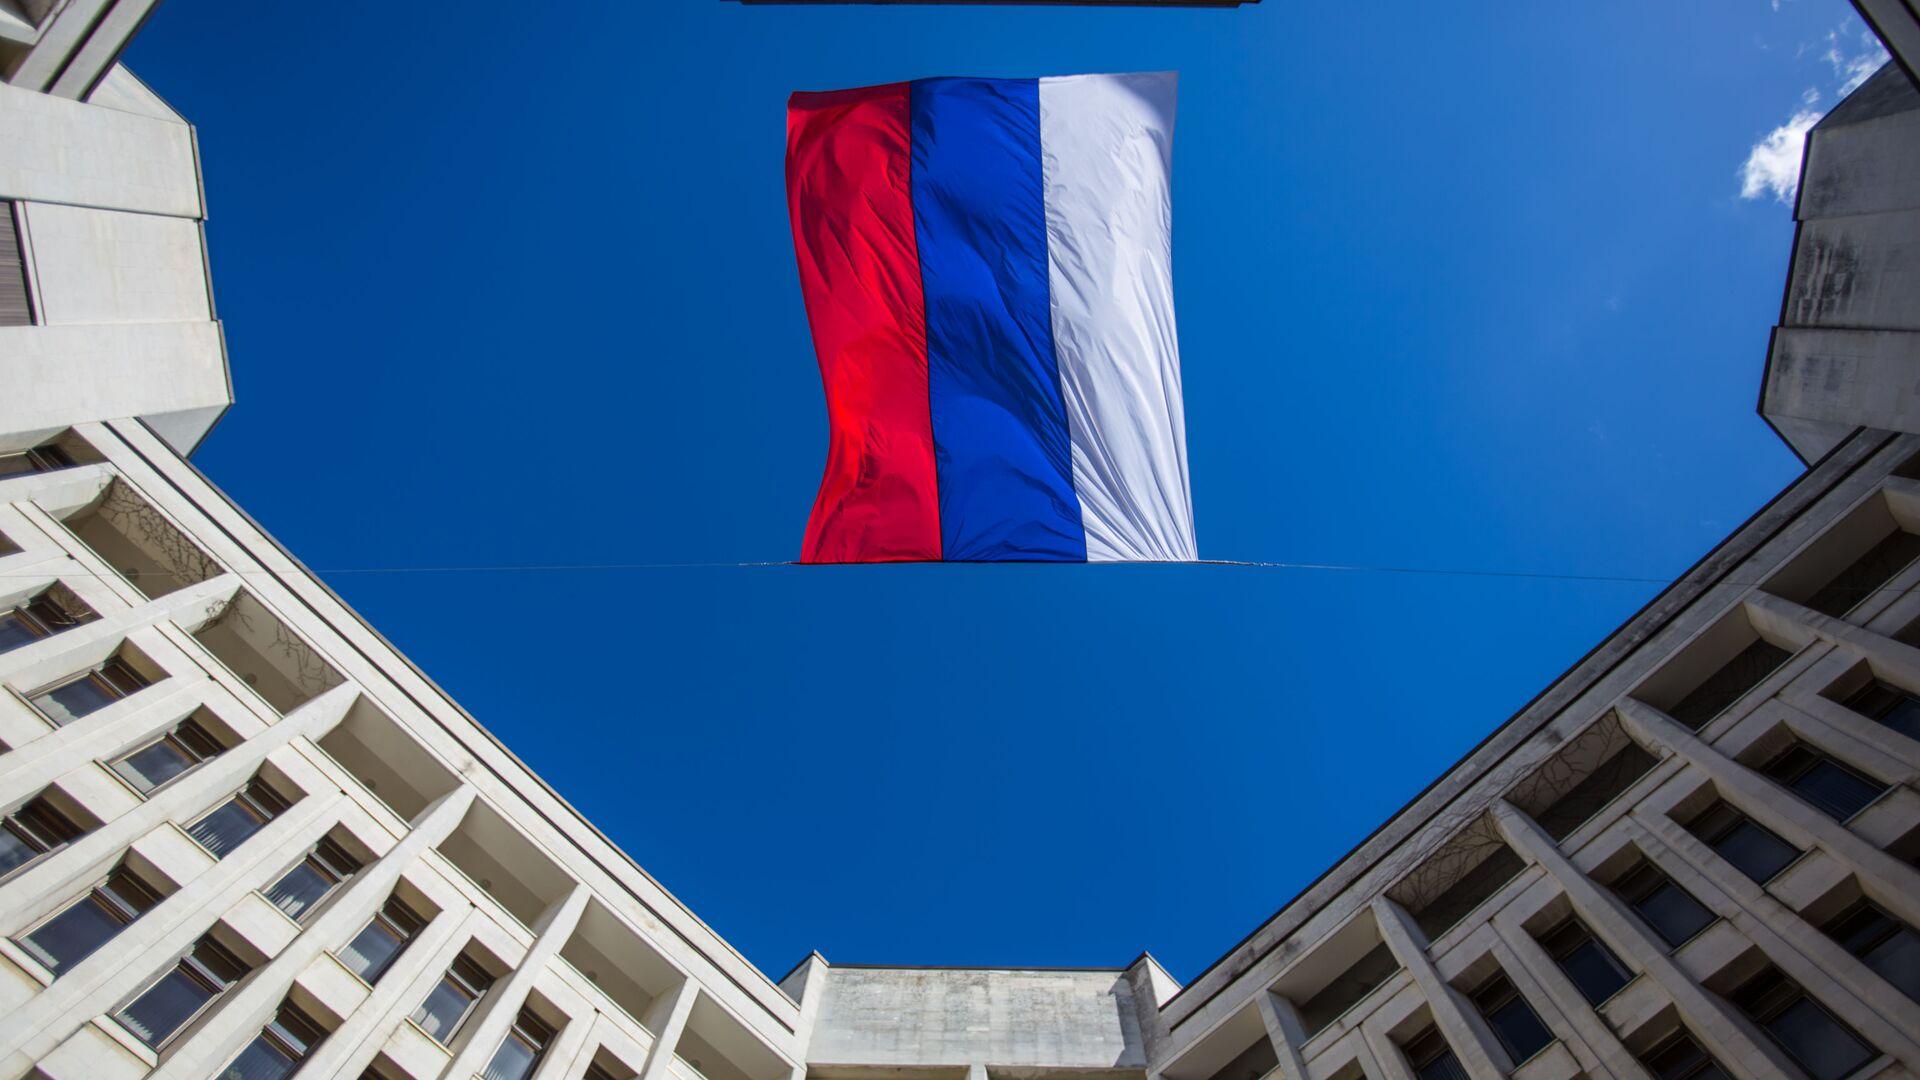 Flaga Rosji - Sputnik Polska, 1920, 17.07.2021